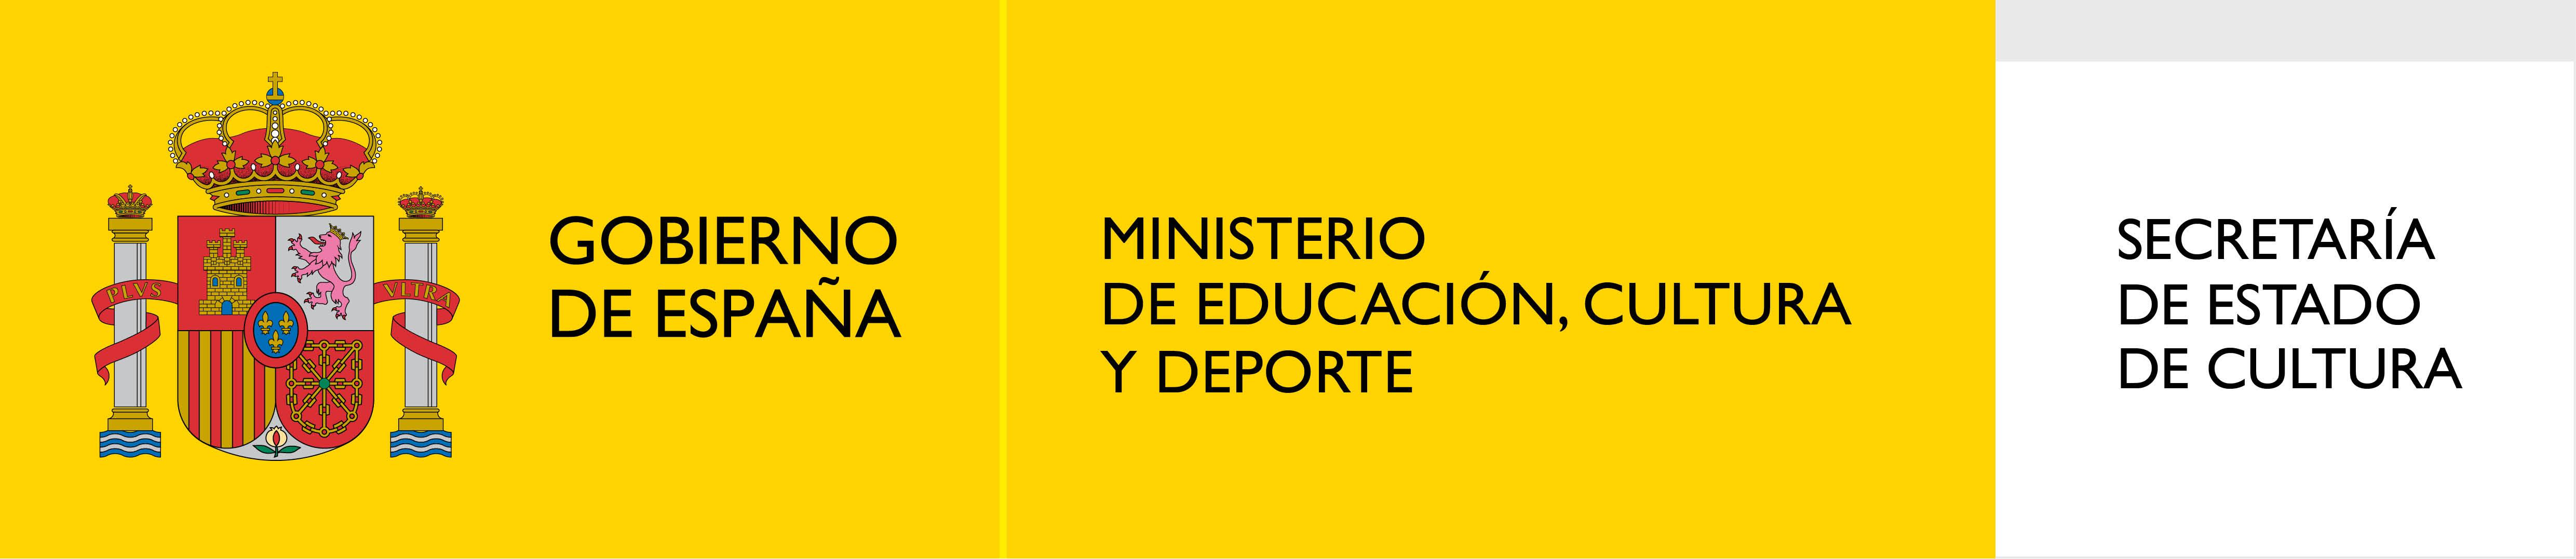 Actividad patrocinada por el Ministerio de Educación, Cultura y Deporte